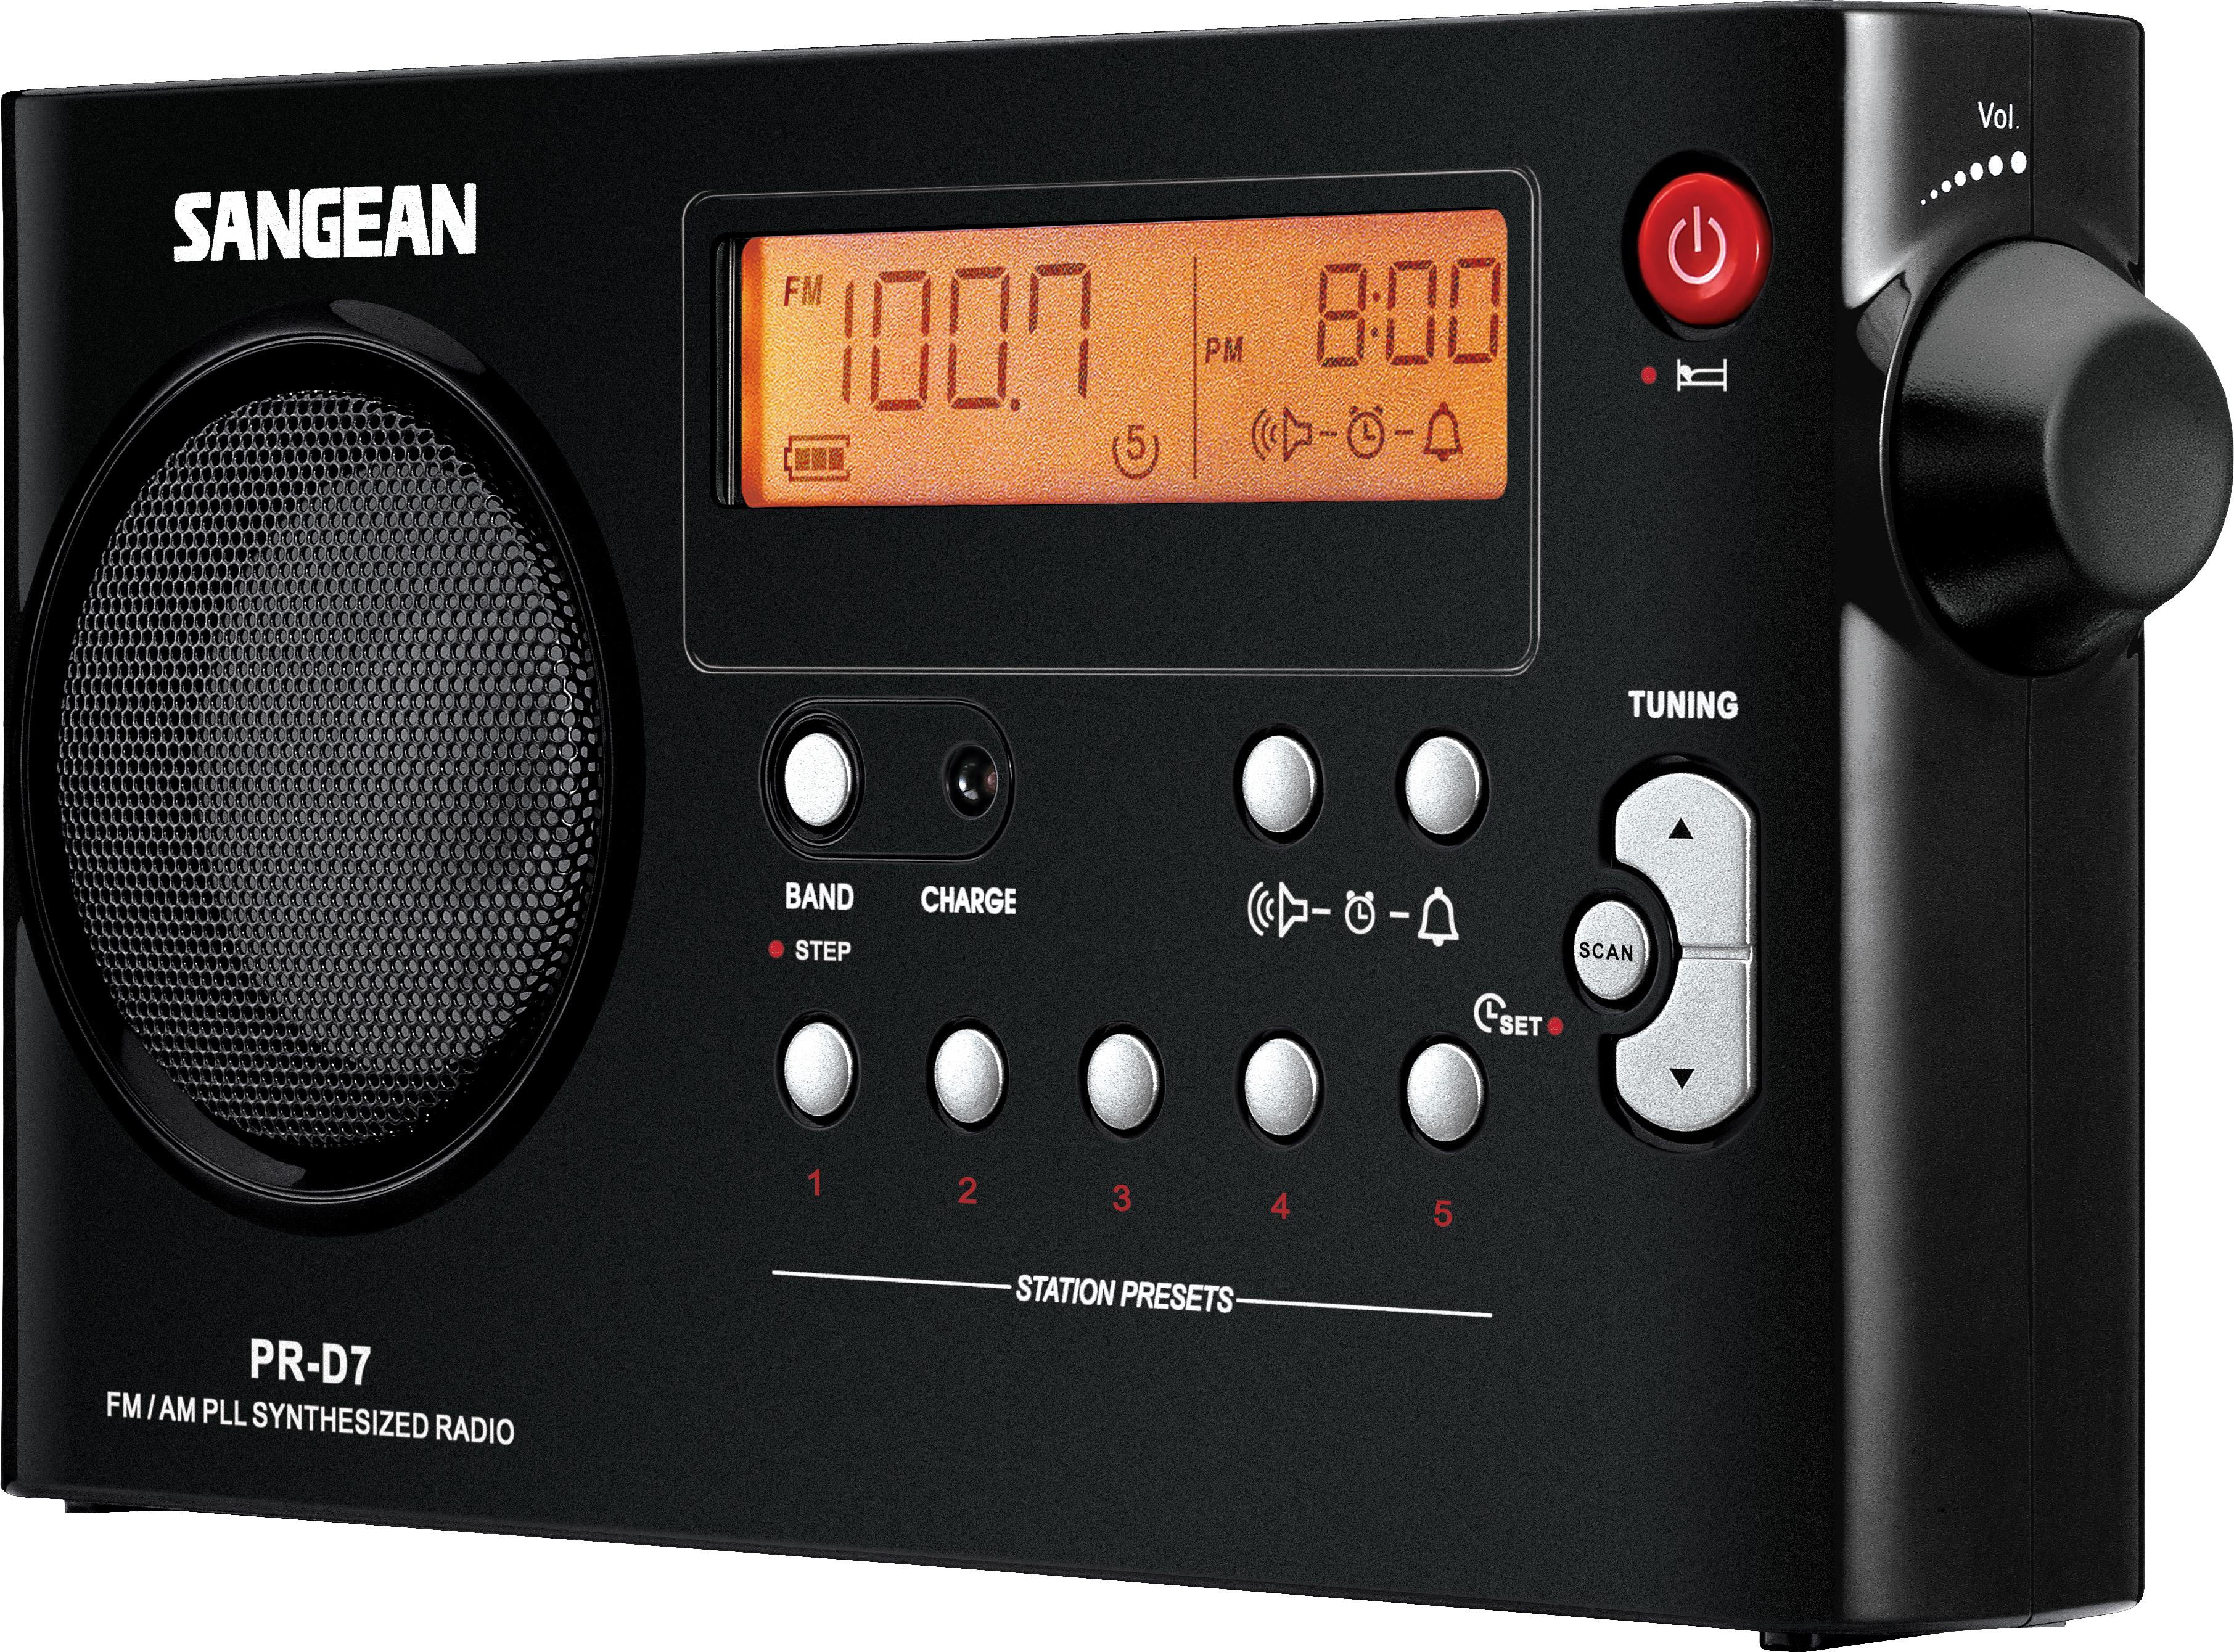 Sangean PACK PR-D7 Radio